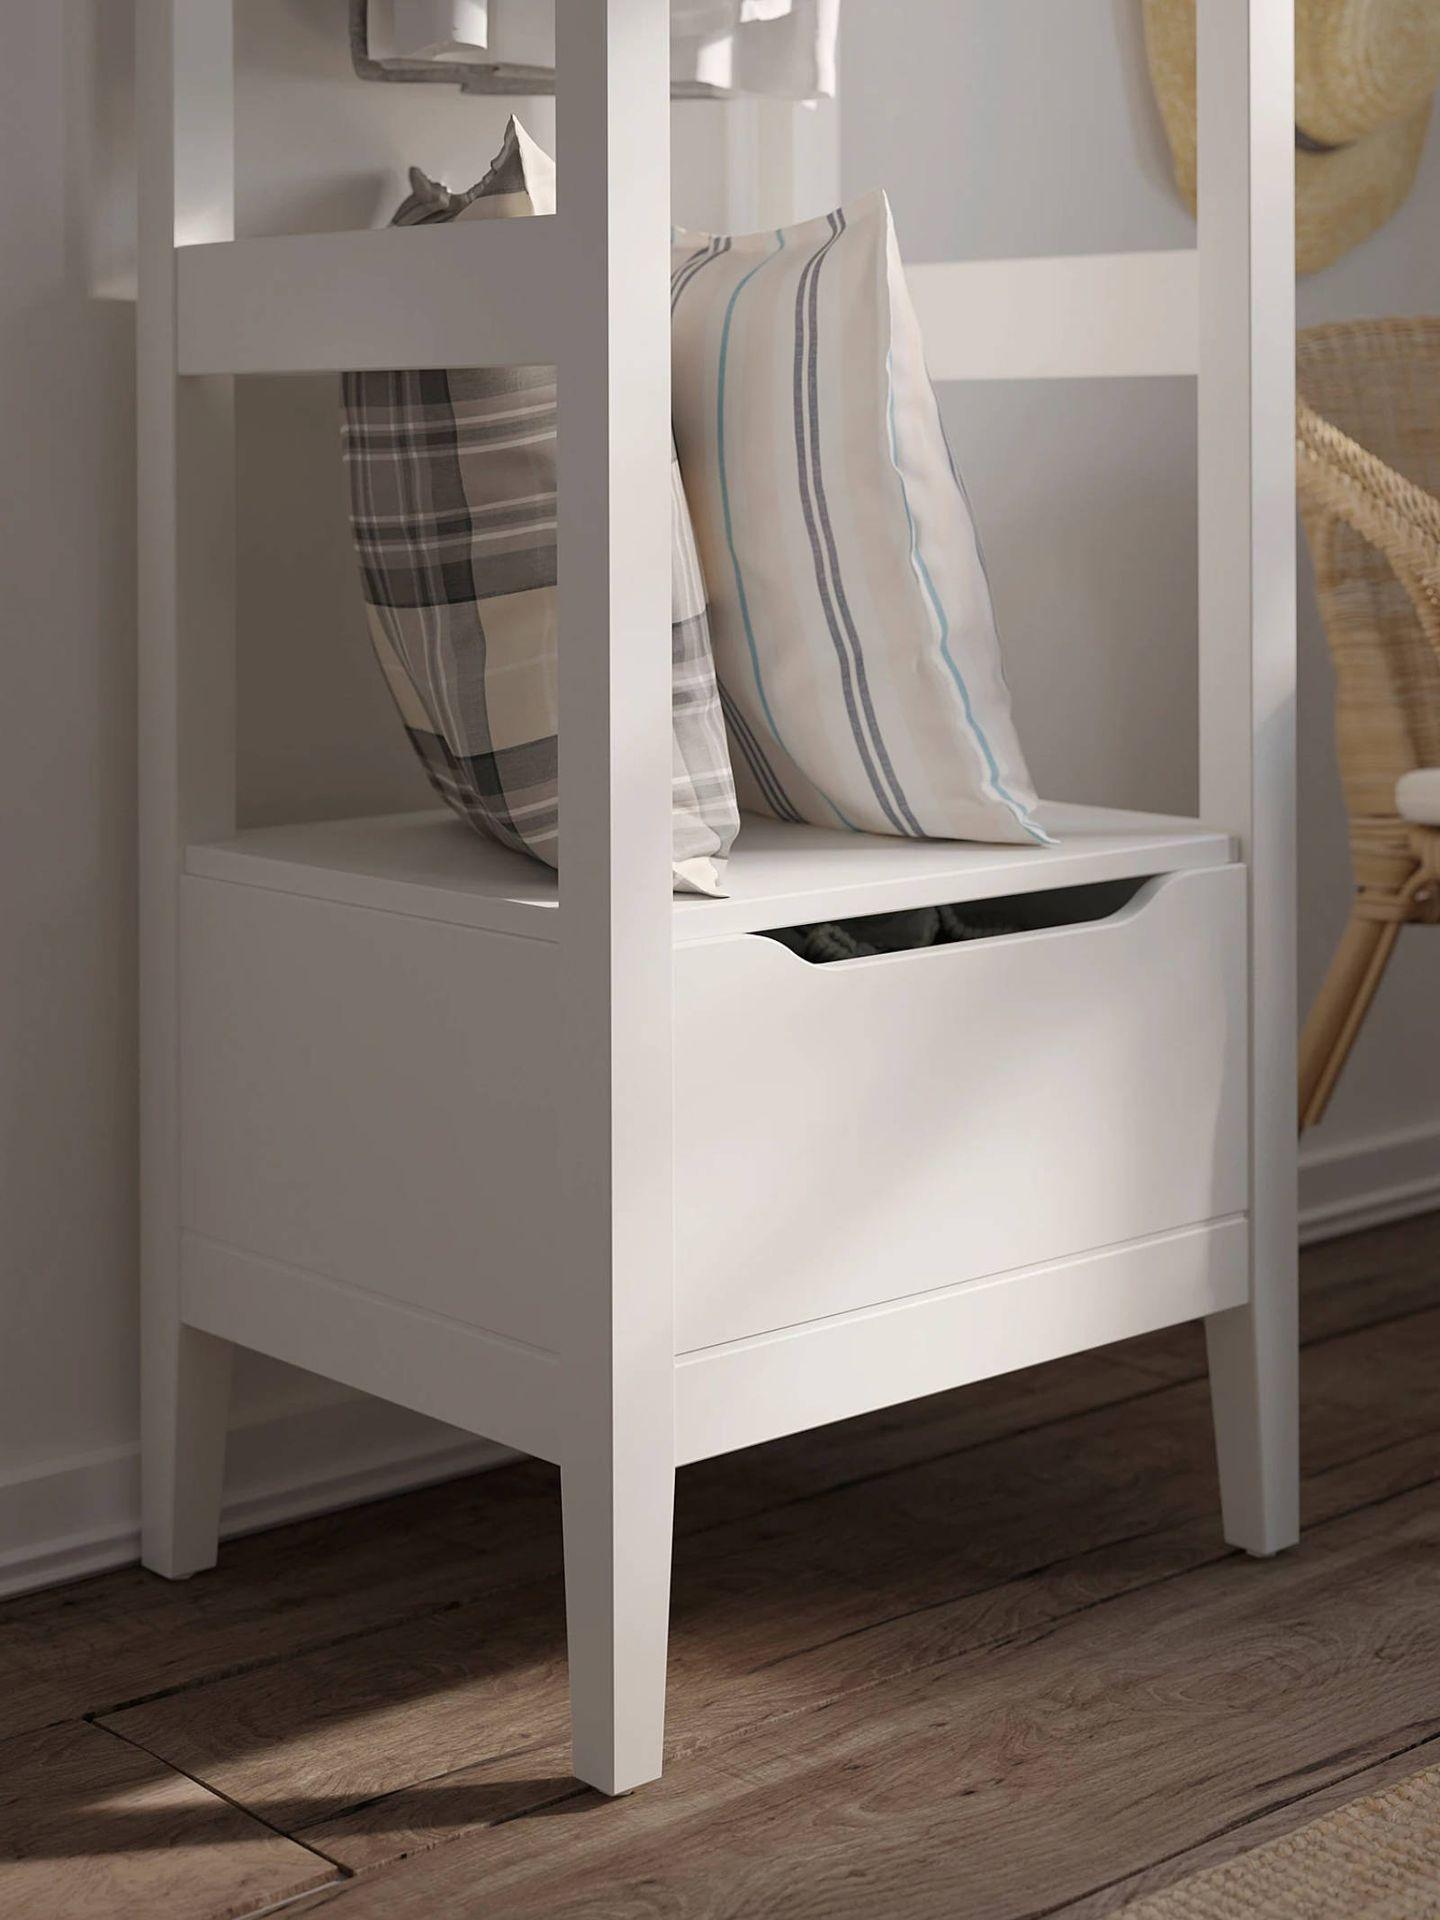 Mueble ideal para una casa ordenada en las novedades de Ikea. (Cortesía)